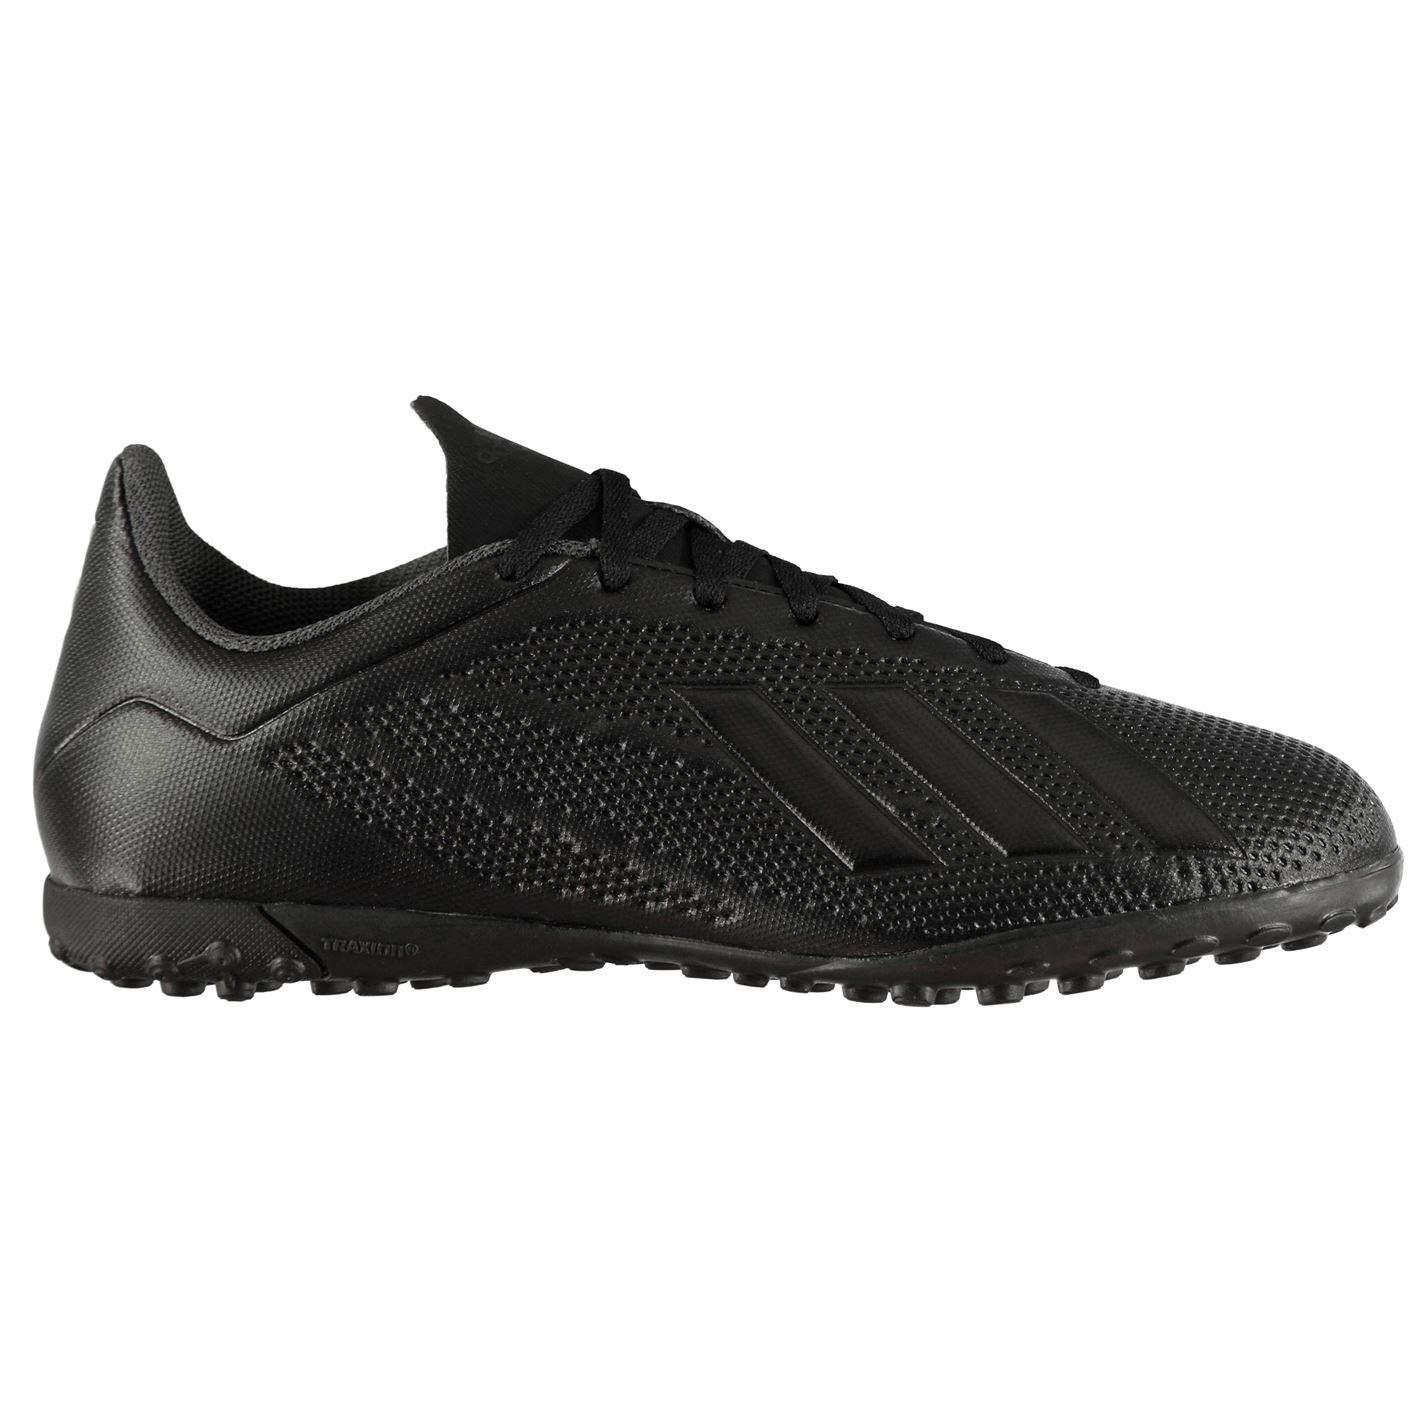 monsieur / madame adidas hommes & x eacute; x & tango 18,4 tf chaussures de football moderne et élégant fashion gagné les éloges de recommandation gb12629 clients populaires 61c290